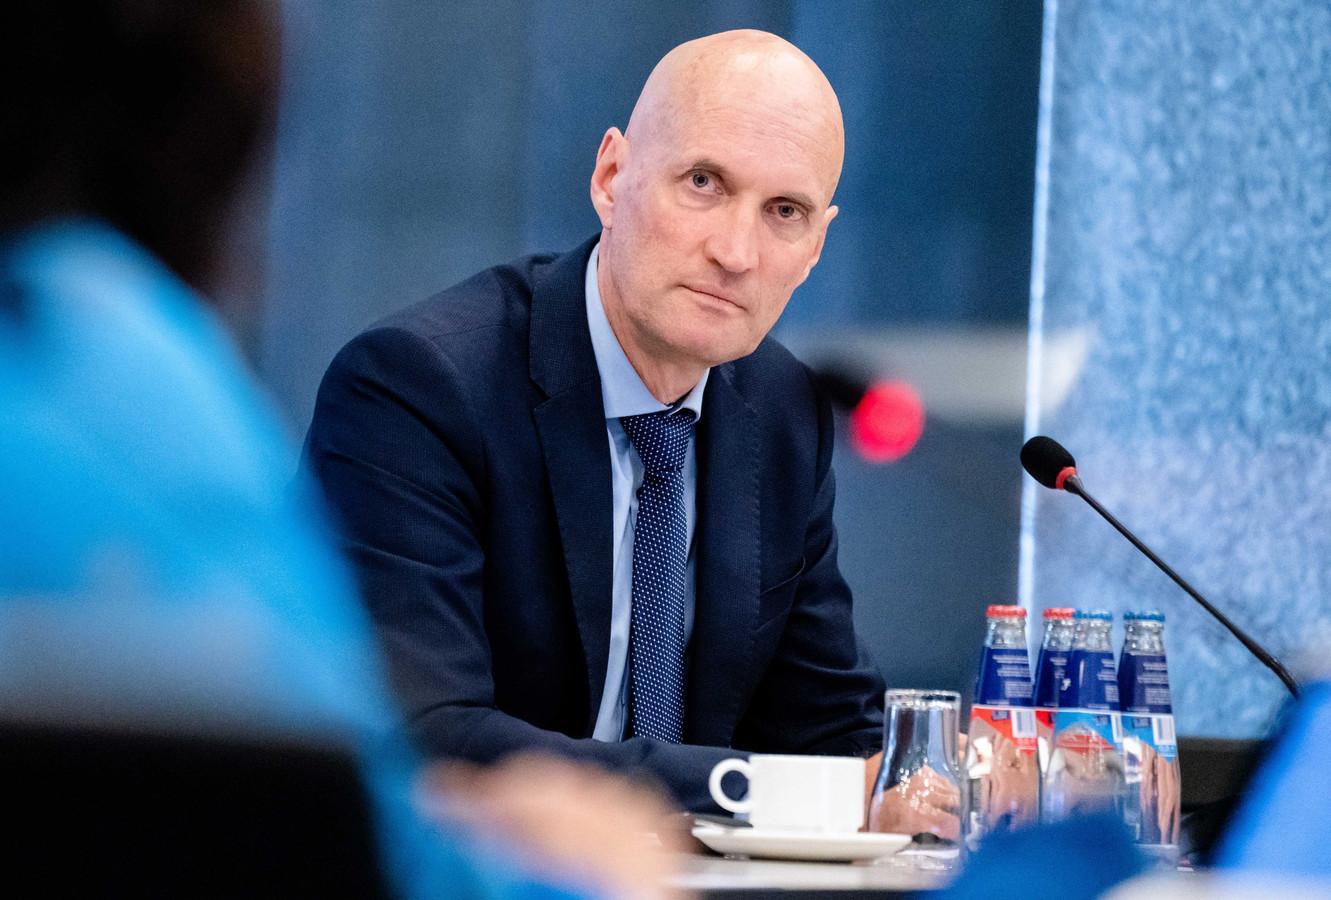 Voorzitter Ernst Kuipers van het Landelijk Netwerk Acute Zorg (LNAZ).